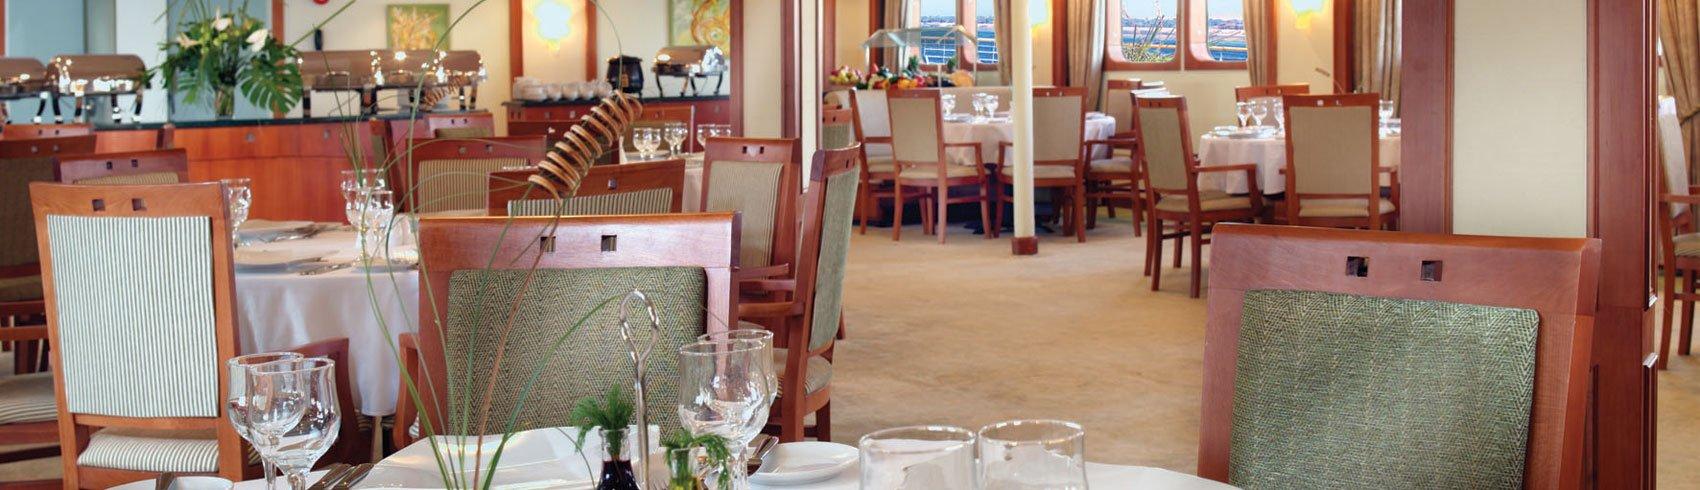 Mövenpick MS Royal Lotus Nile Cruise